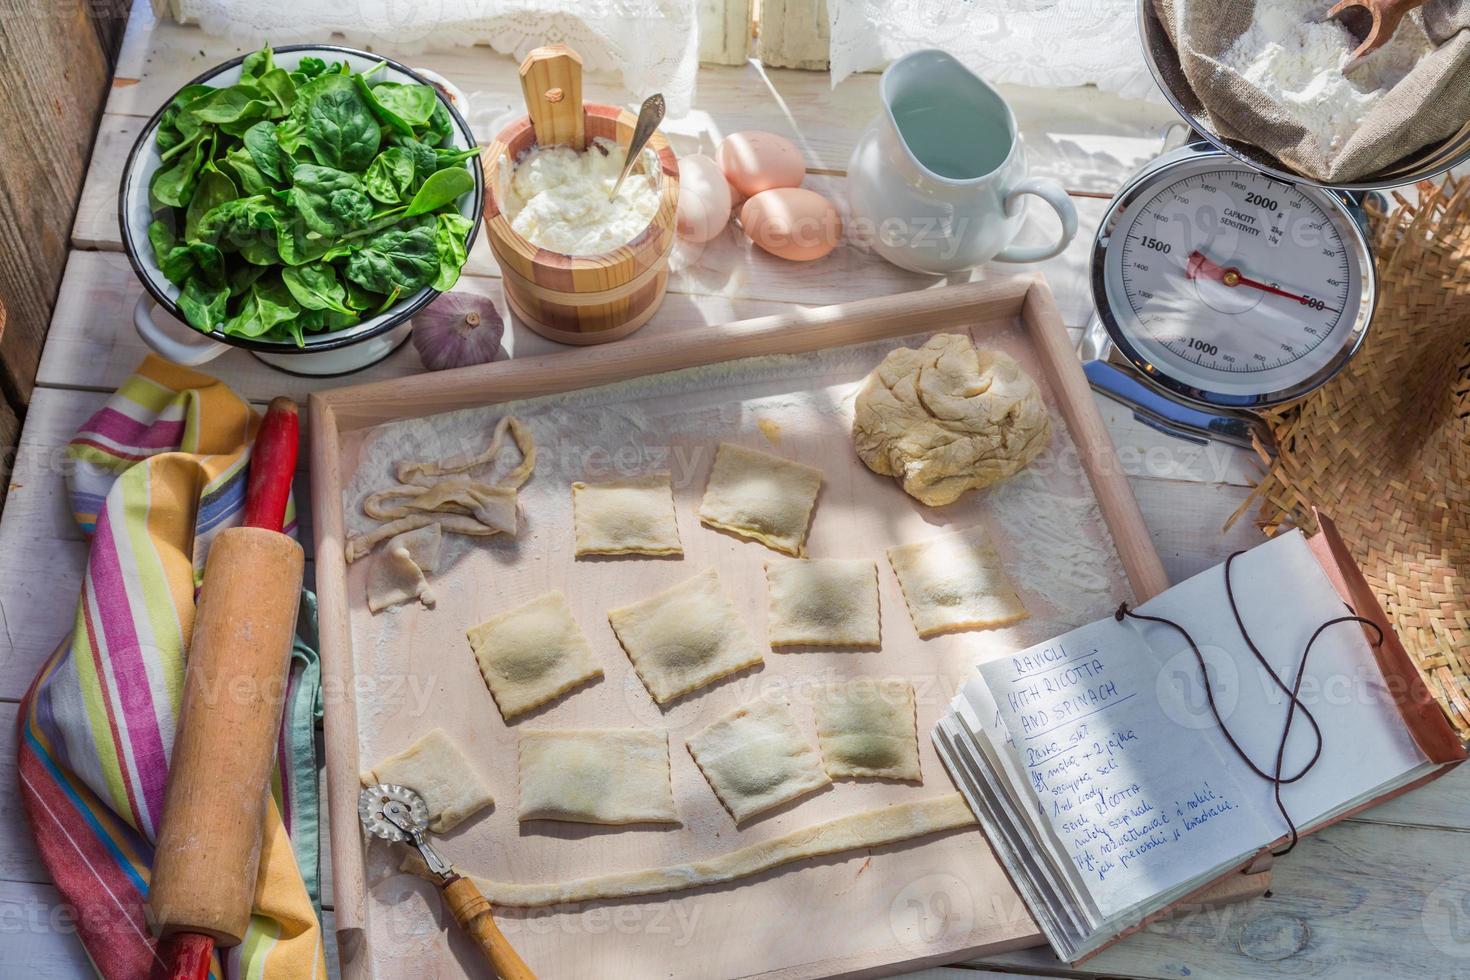 preparaciones para ravioles hechos de ricotta y espinacas foto